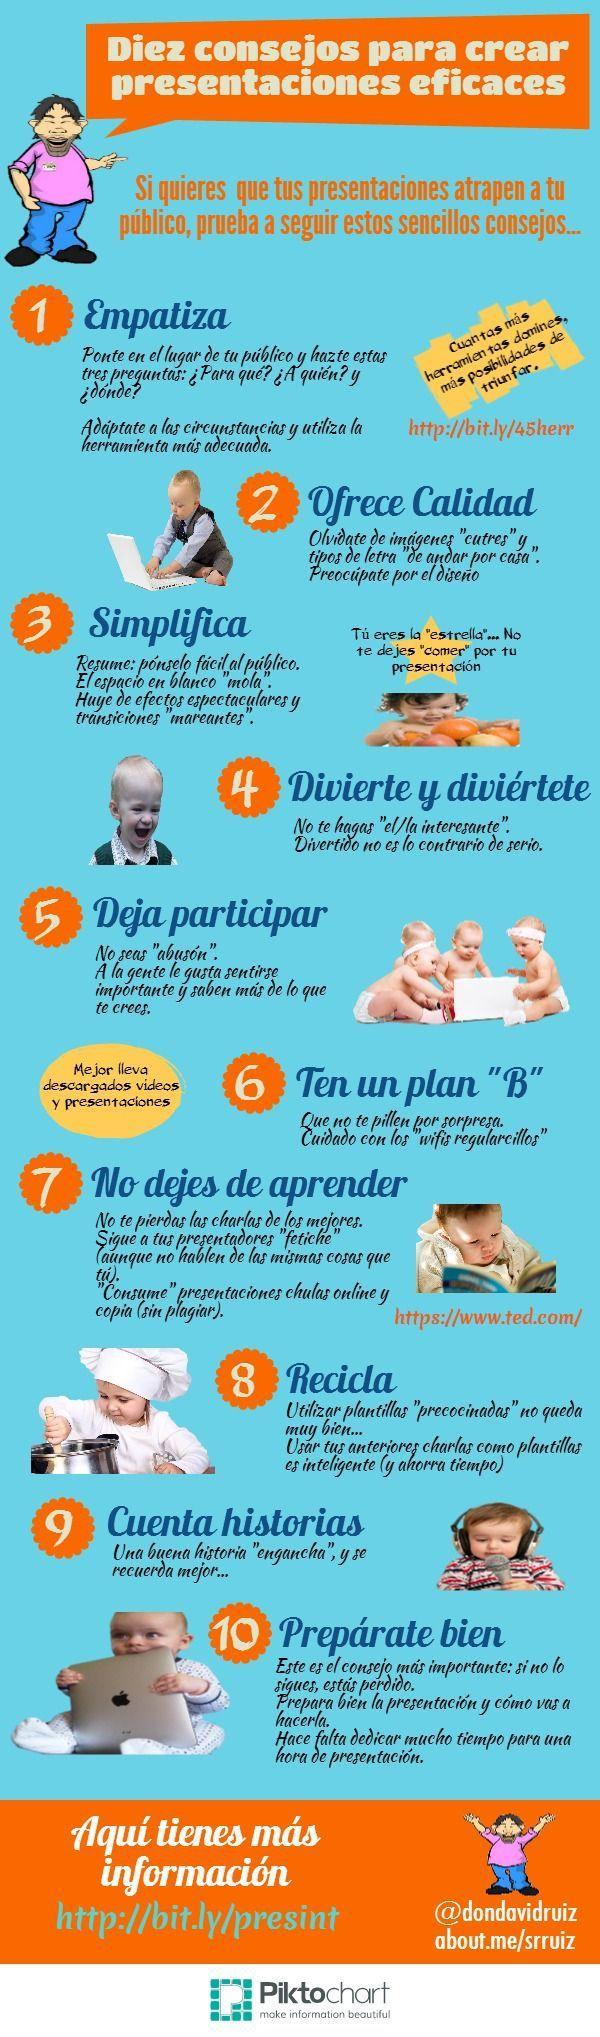 10ConsejosRealizarPresentacionesEficaces-Infografía-BlogGesvin